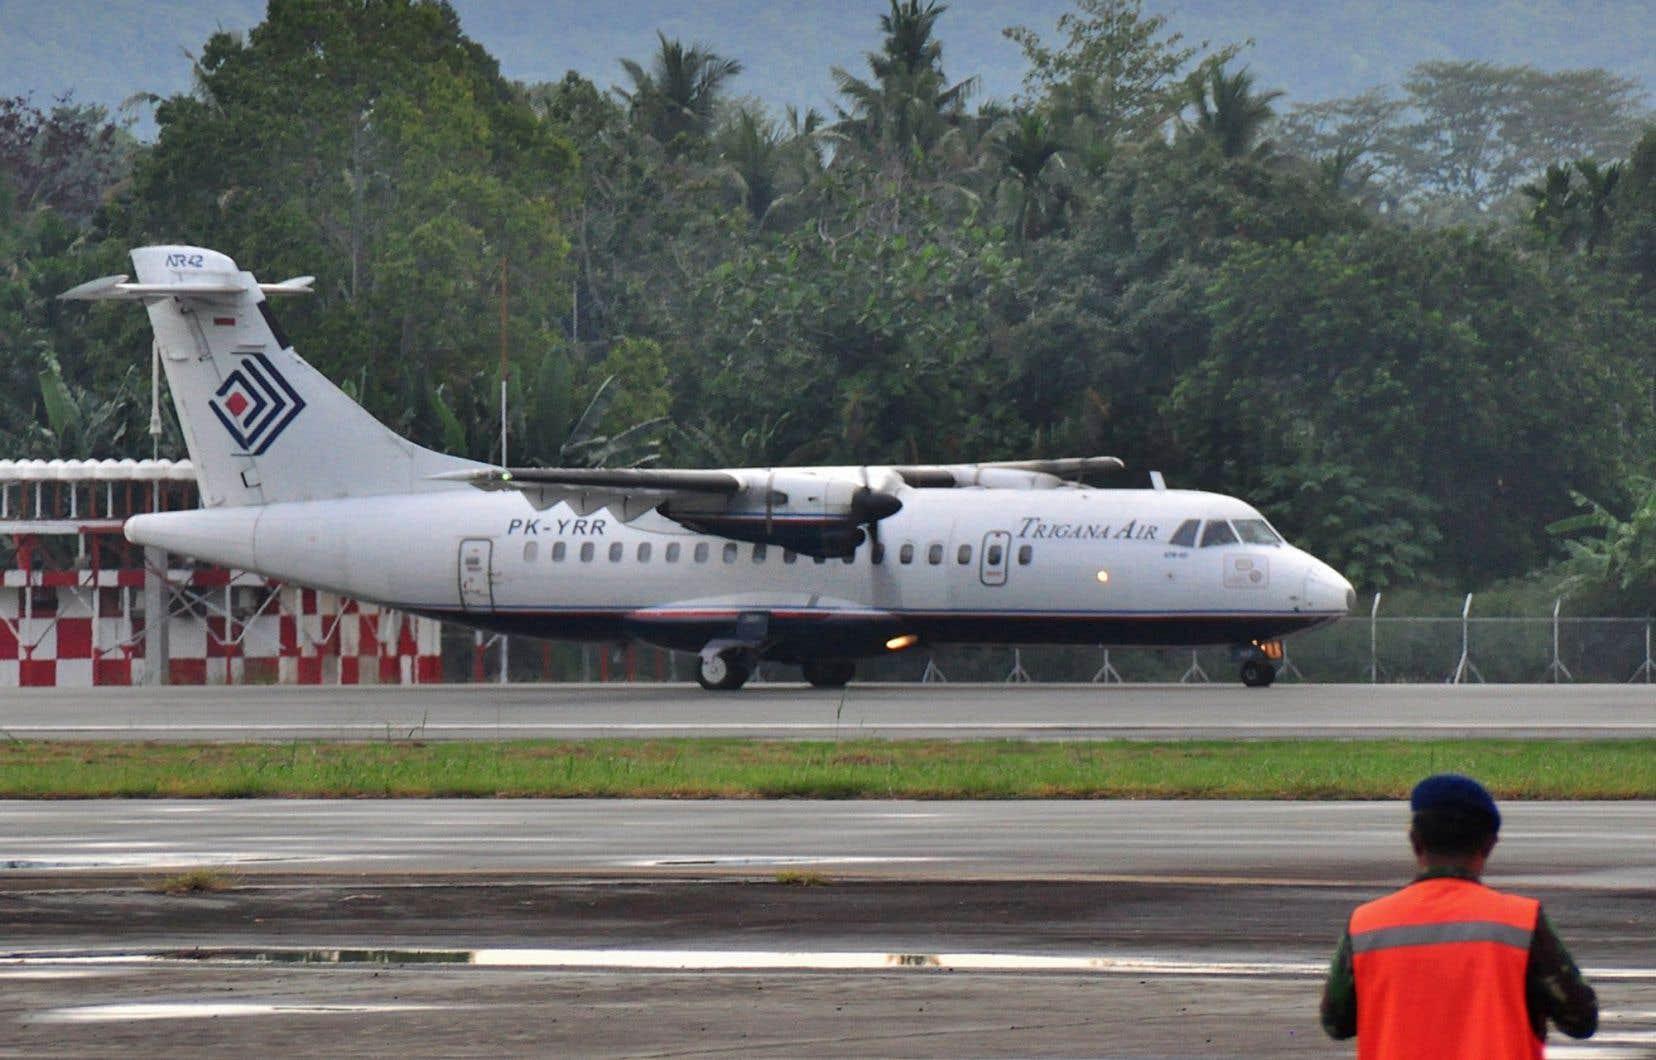 <p>La compagnie aérienne PIA avait dans un premier temps annoncé avoir perdu contact avec l'appareil, unATR-42.</p>